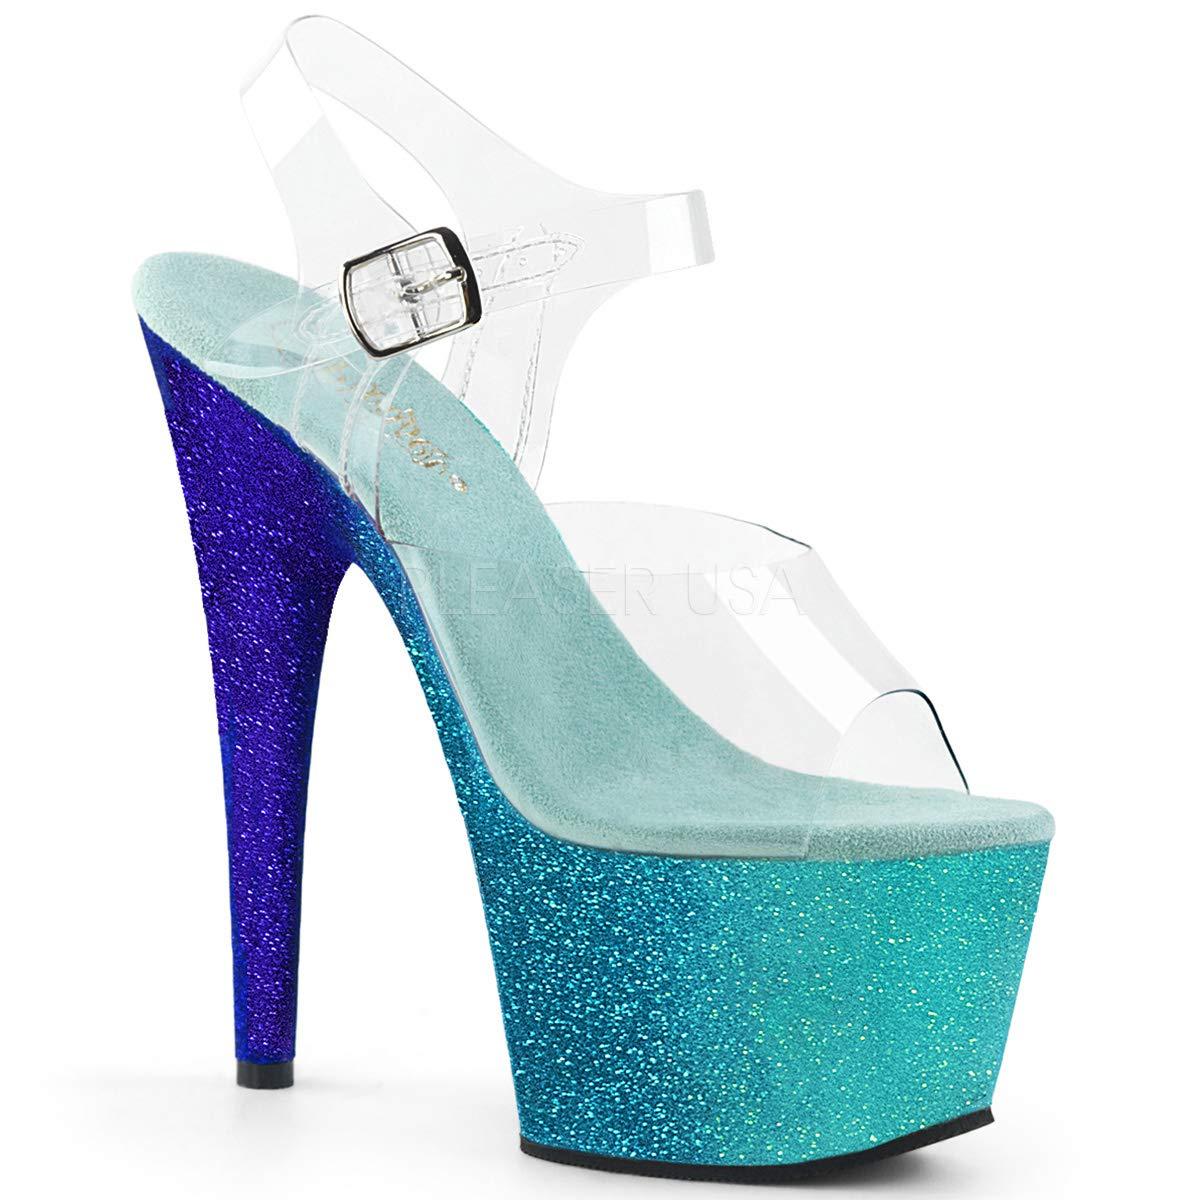 Women's Adore Clear Open Toe Top Sparkling Aqua Ombre Platform Sandals - DeluxeAdultCostumes.com